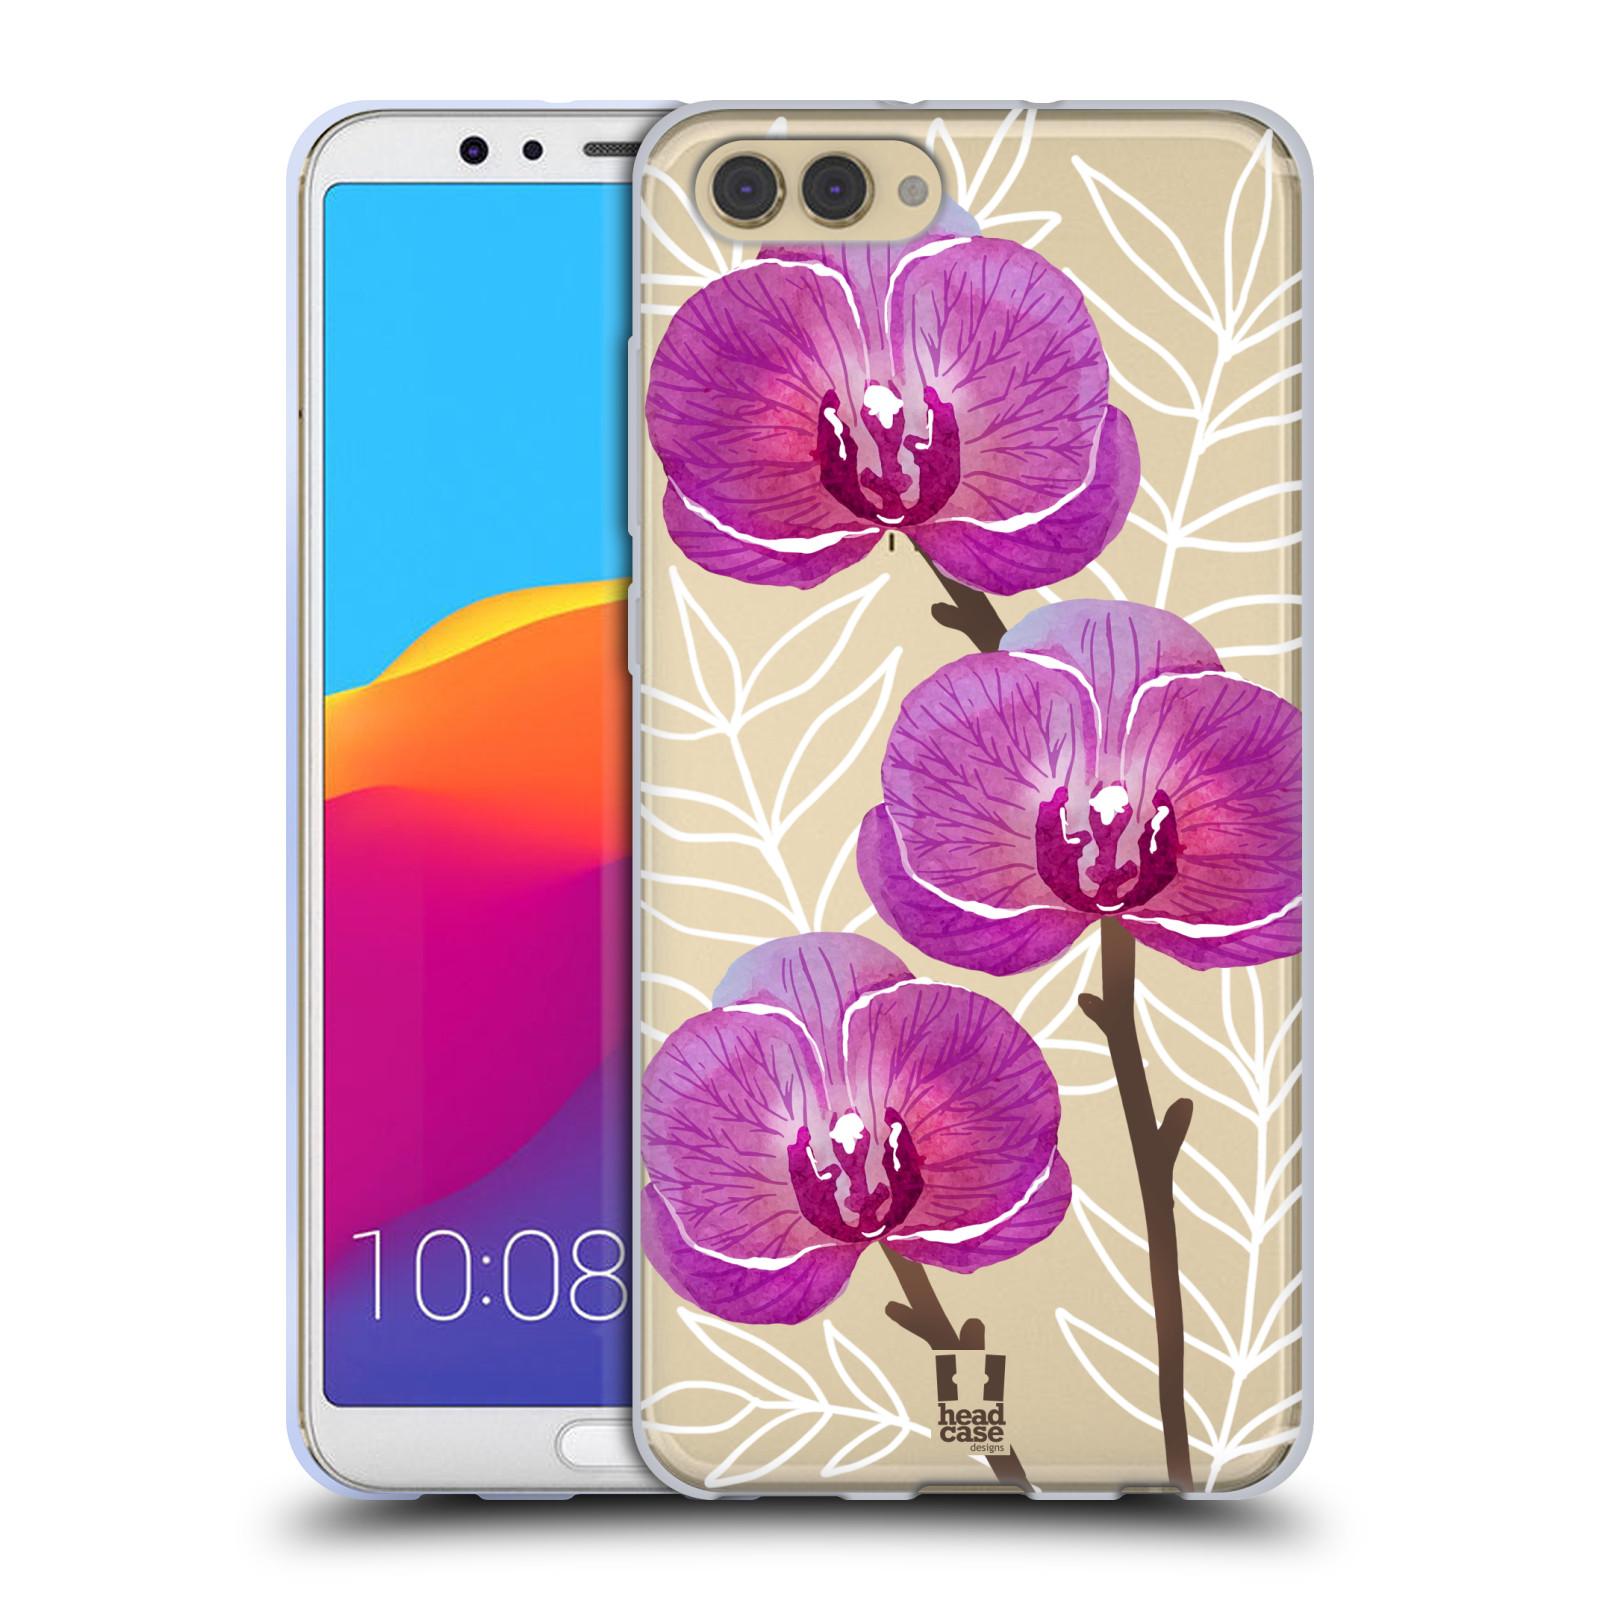 Silikonové pouzdro na mobil Honor View 10 - Head Case - Hezoučké kvítky - průhledné